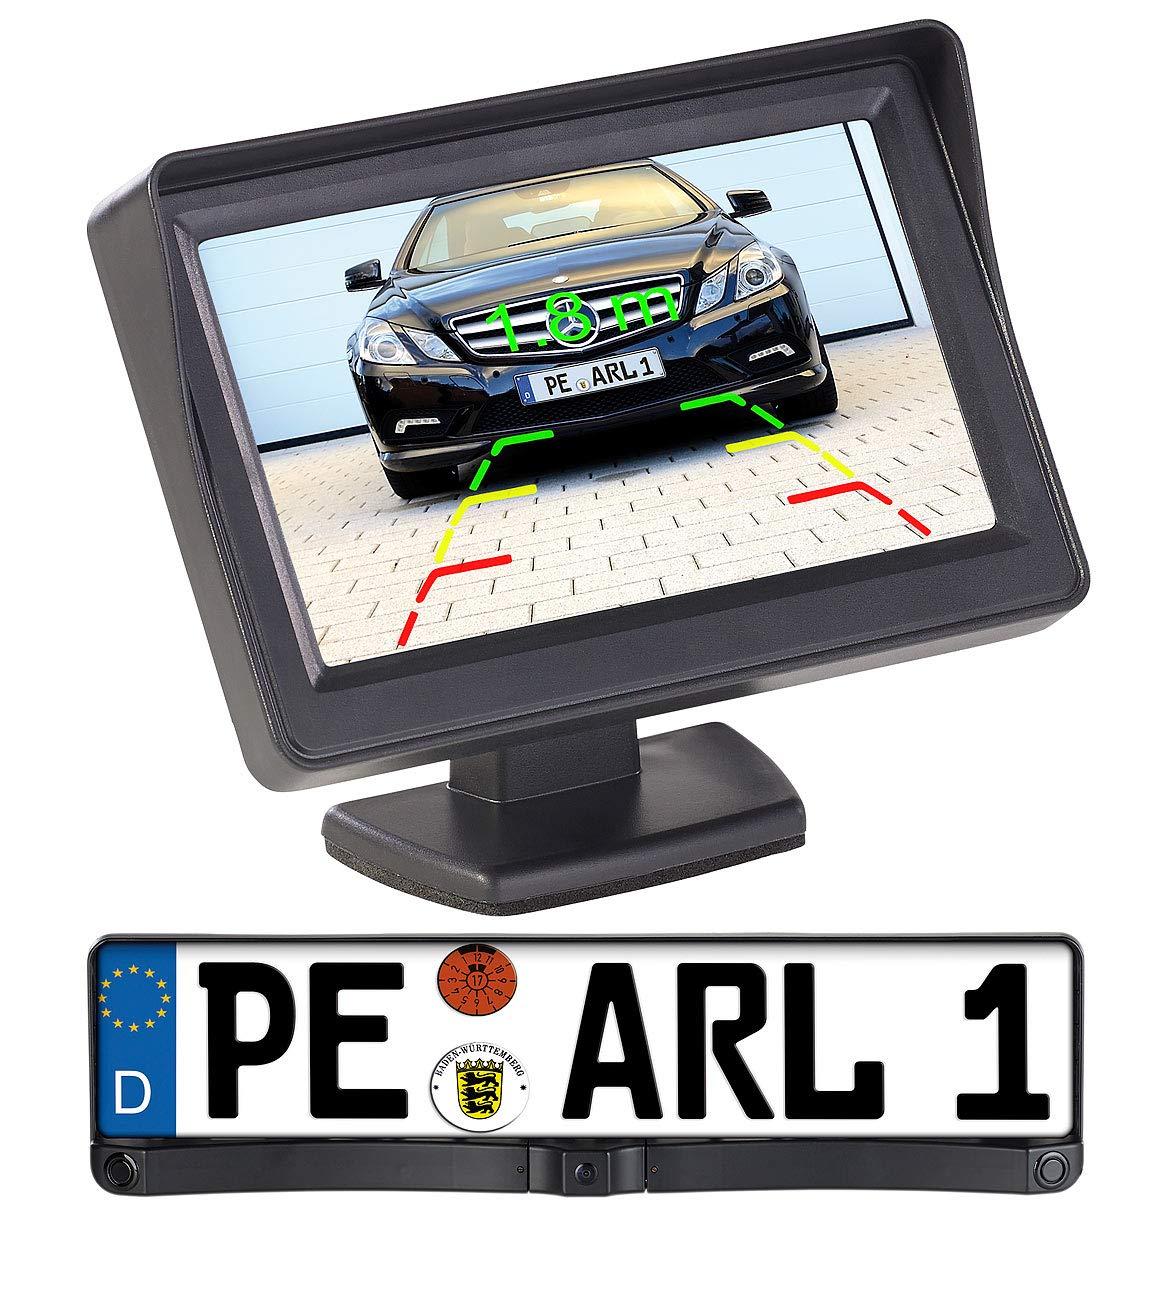 Lescars-Rckfahrkameras-Funk-Rckfahrkamera-in-Nummernschildhalter-m-Monitor-Abstandswarner-Funk-Rckfahrkameras-mit-Monitoren